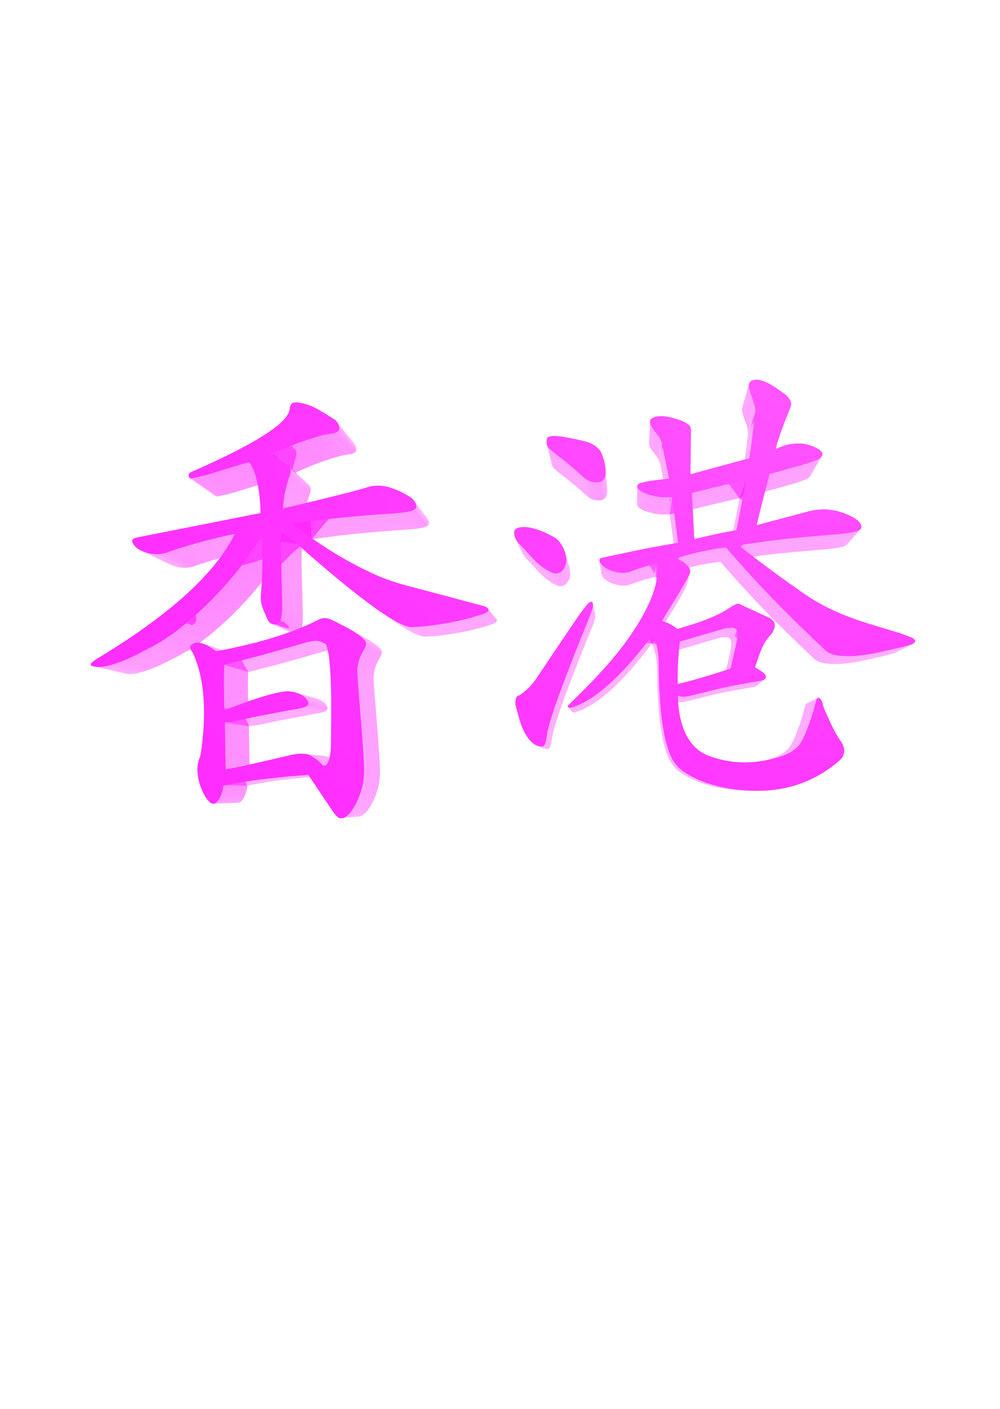 HKSCRIPT.jpg